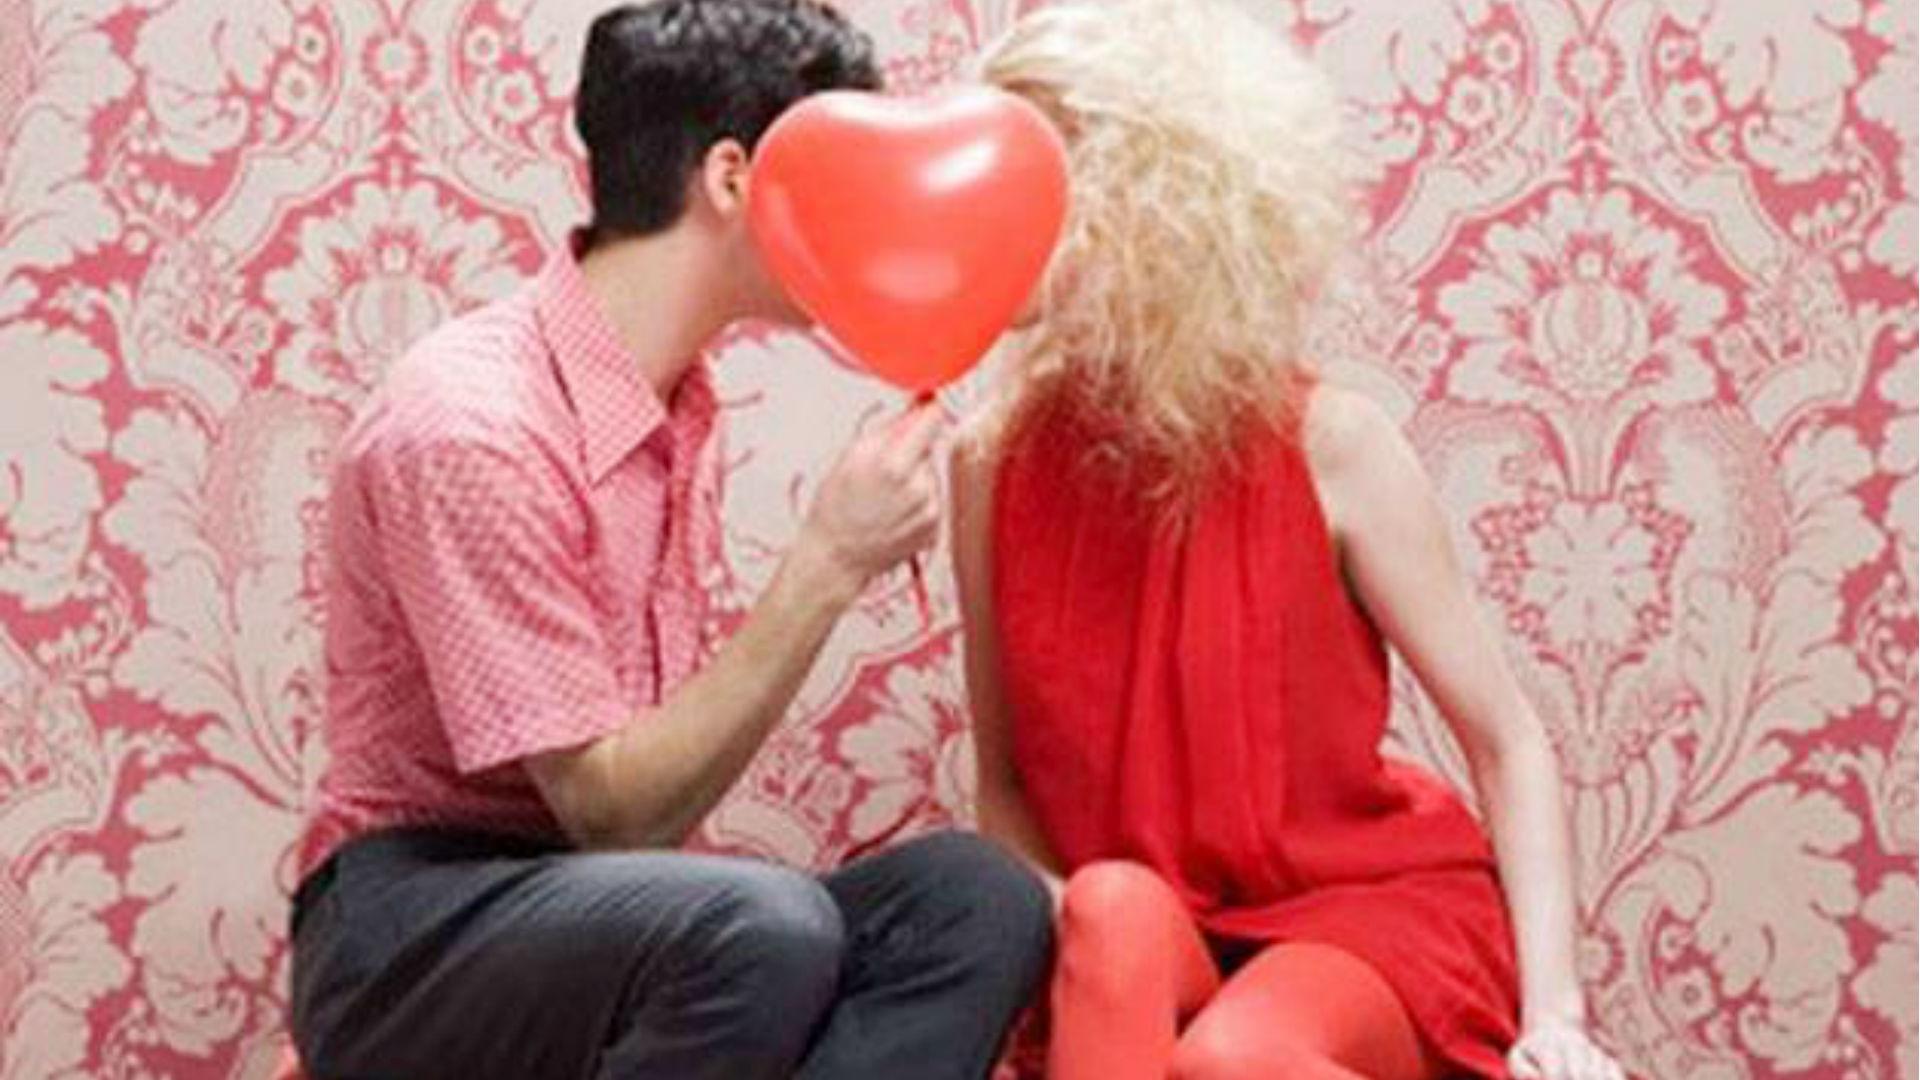 वेलेंटाइन डे 2019: प्यार के दिन अपने क्रश से कैसे करें मोहब्बत का इजहार? आपके लिए ही हैं ये रोमांटिक सॉन्ग